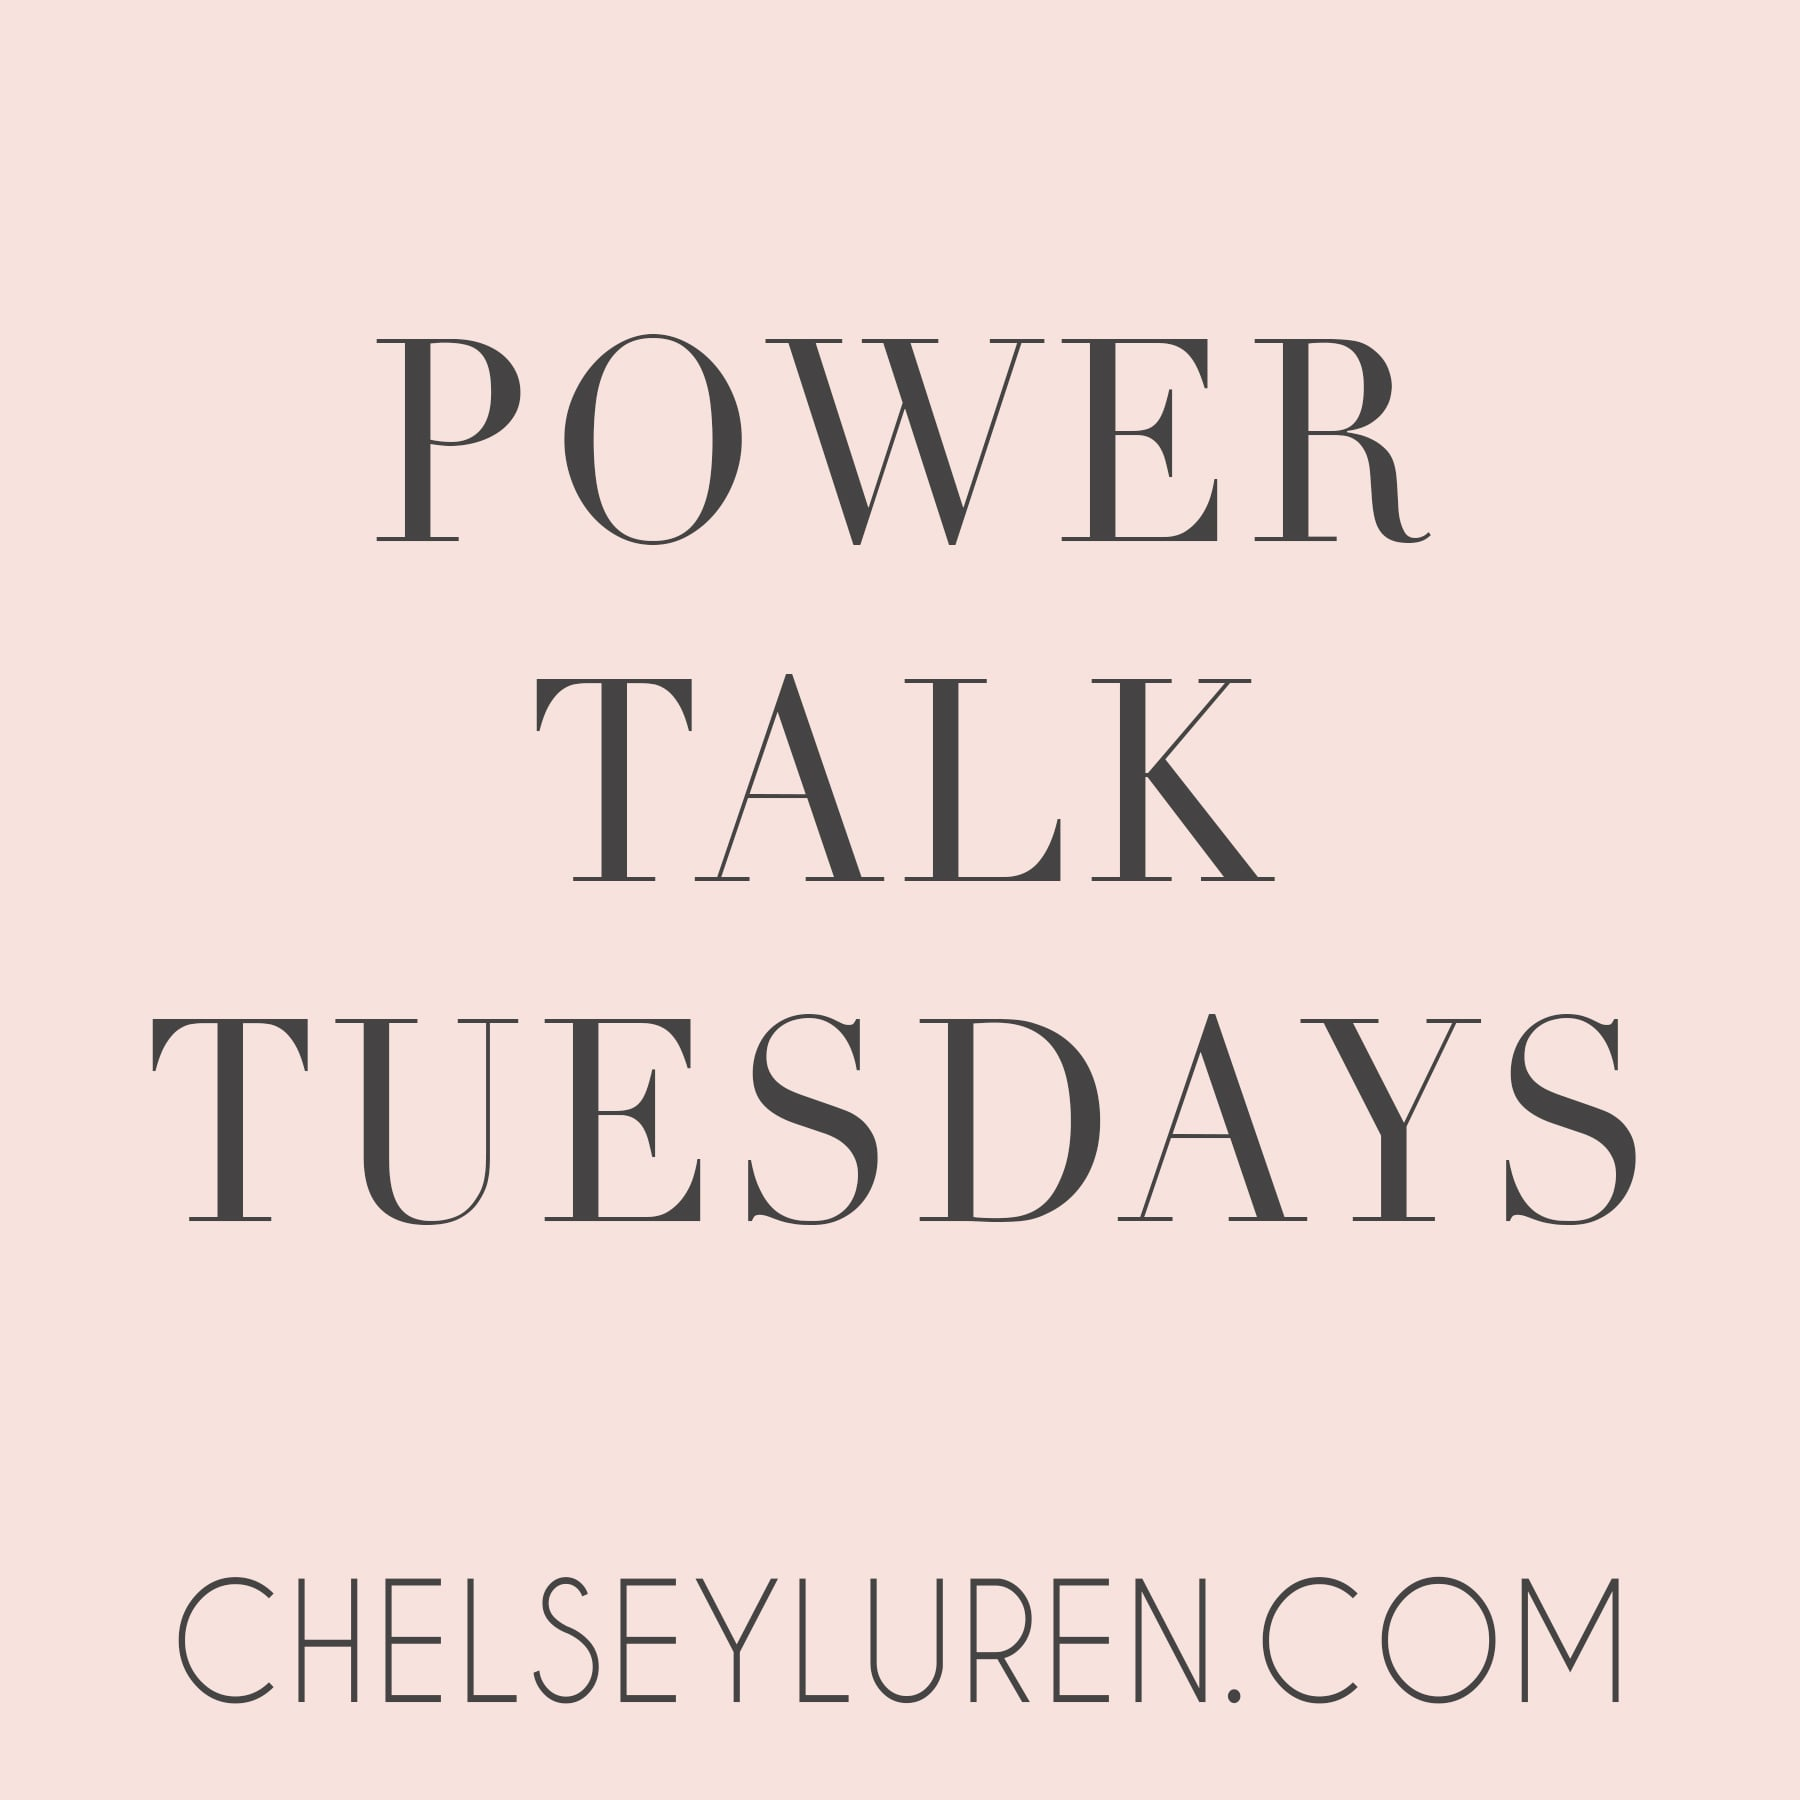 power talk tuesdays